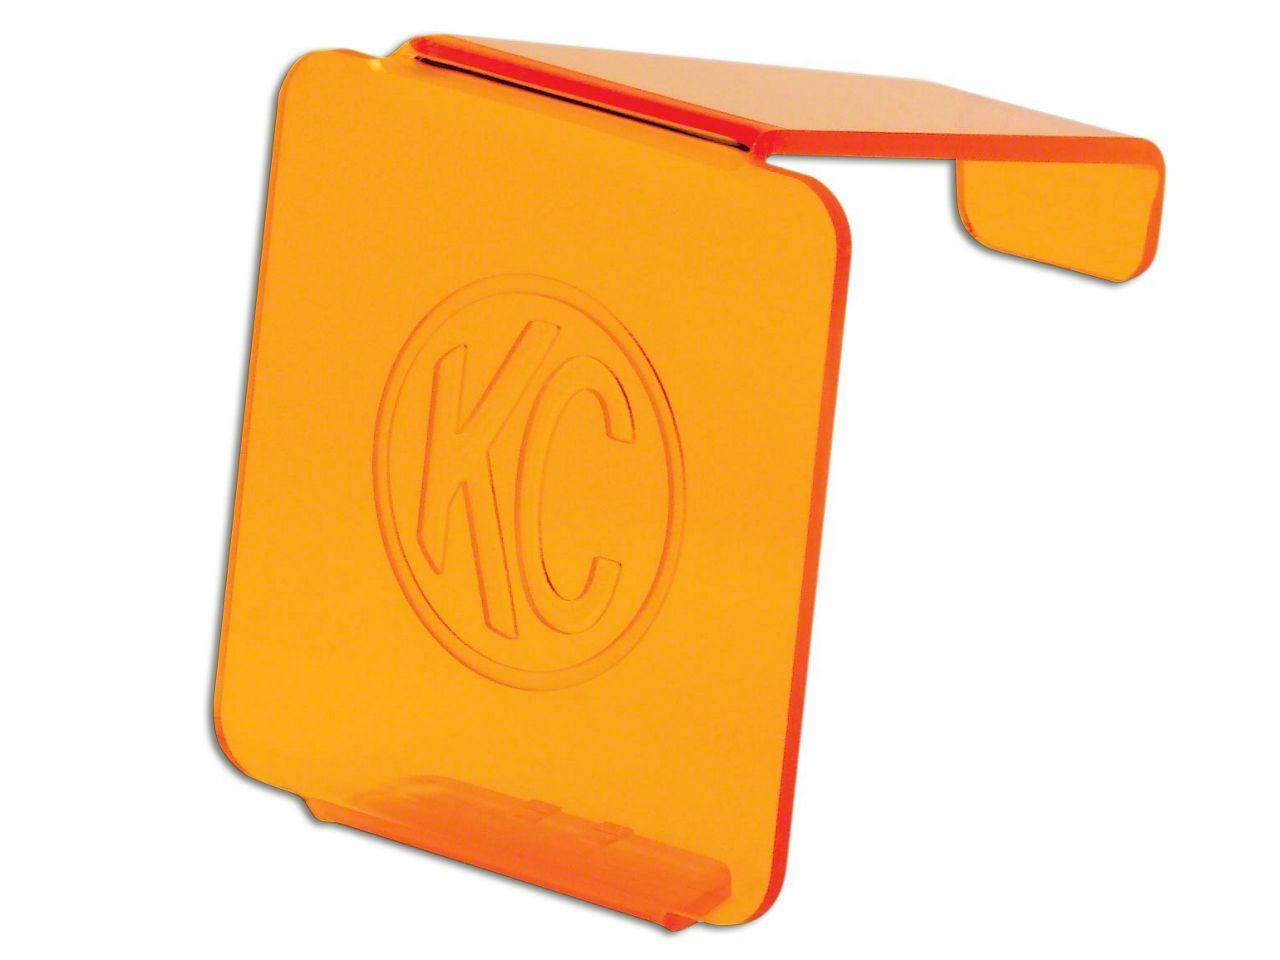 KC HiLiTES Hard Cover for 3 in. C3 Cube Light - Orange (07-18 Sierra 1500)